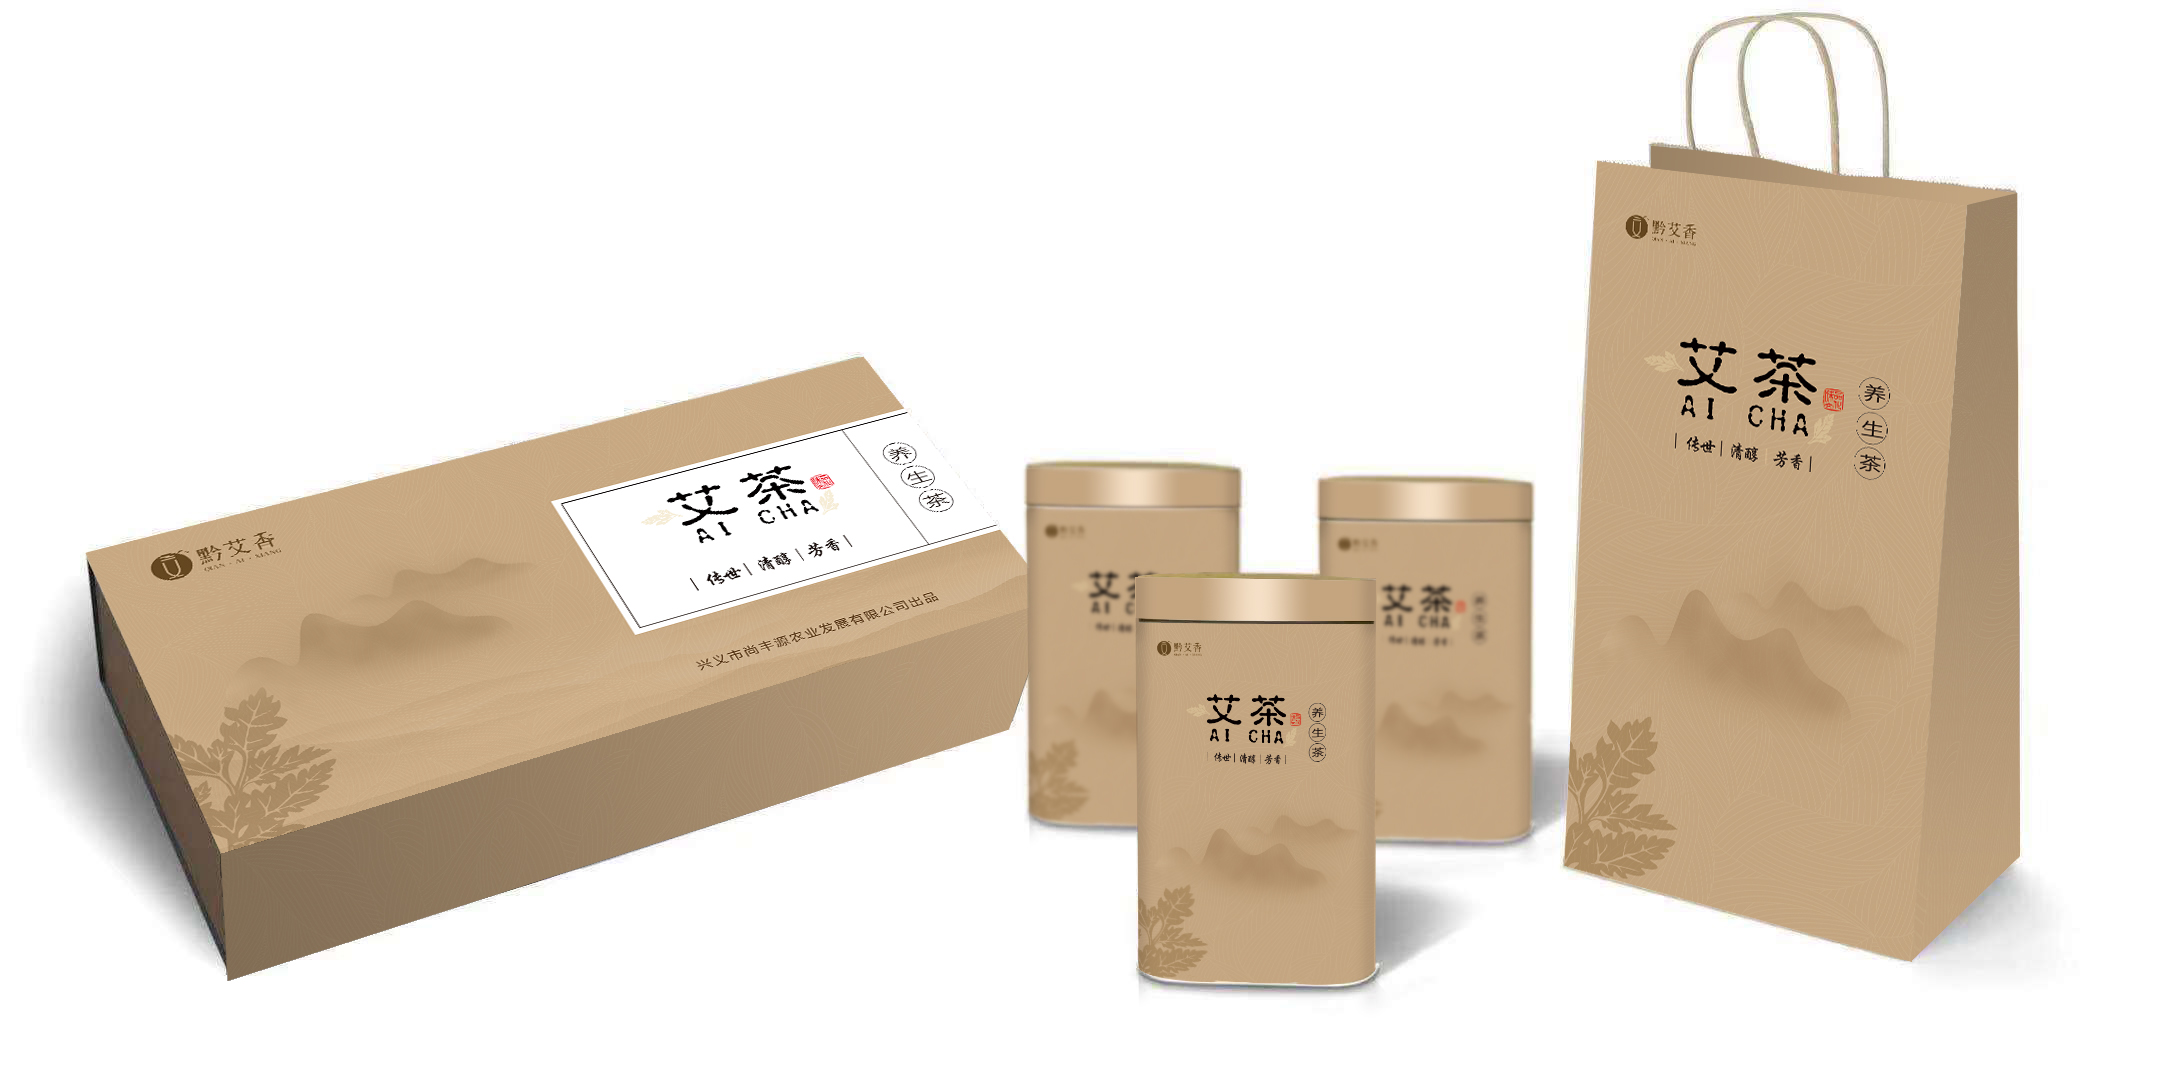 品牌包装设计礼盒包装袋包装盒水果食品农产品包装设计